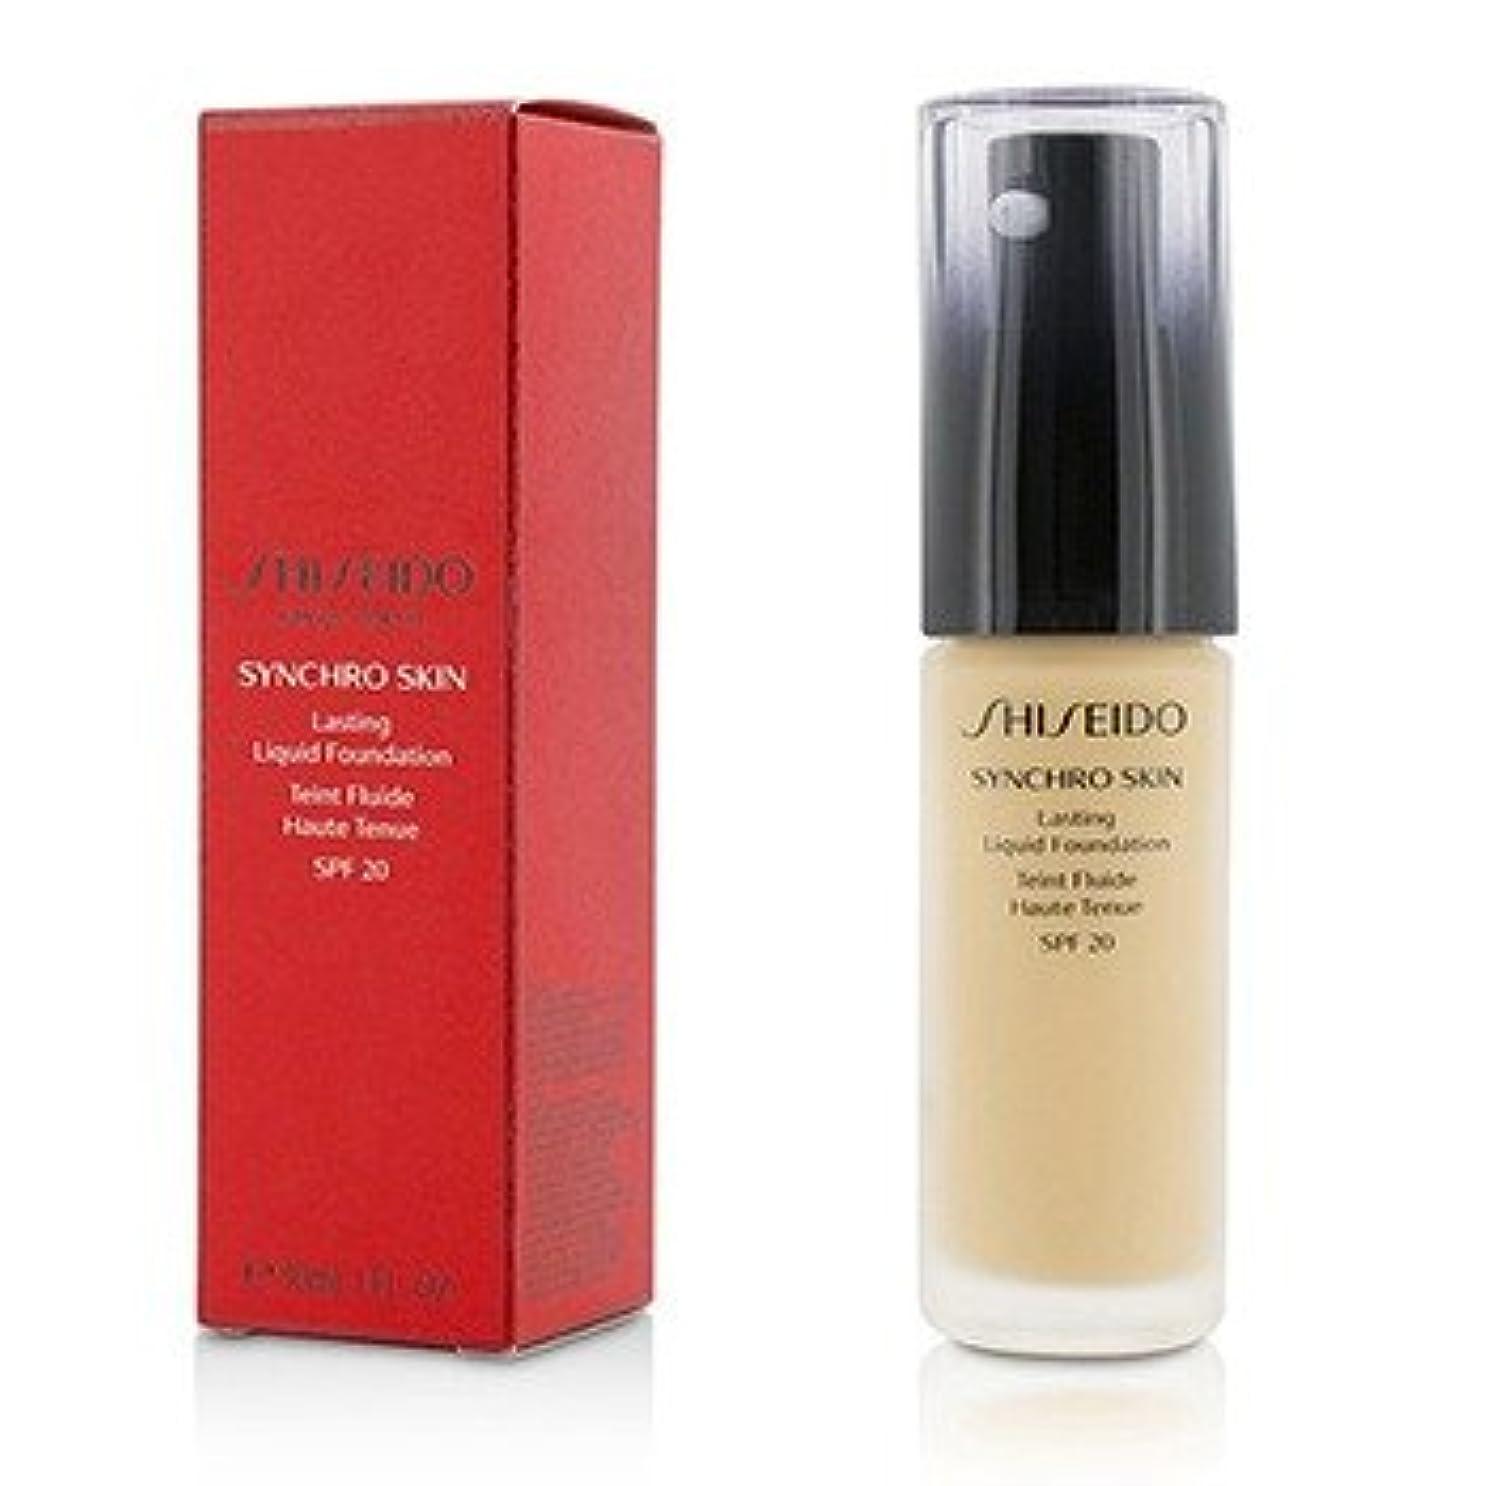 配分国籍掃除[Shiseido] Synchro Skin Lasting Liquid Foundation SPF 20 - Neutral 3 30ml/1oz